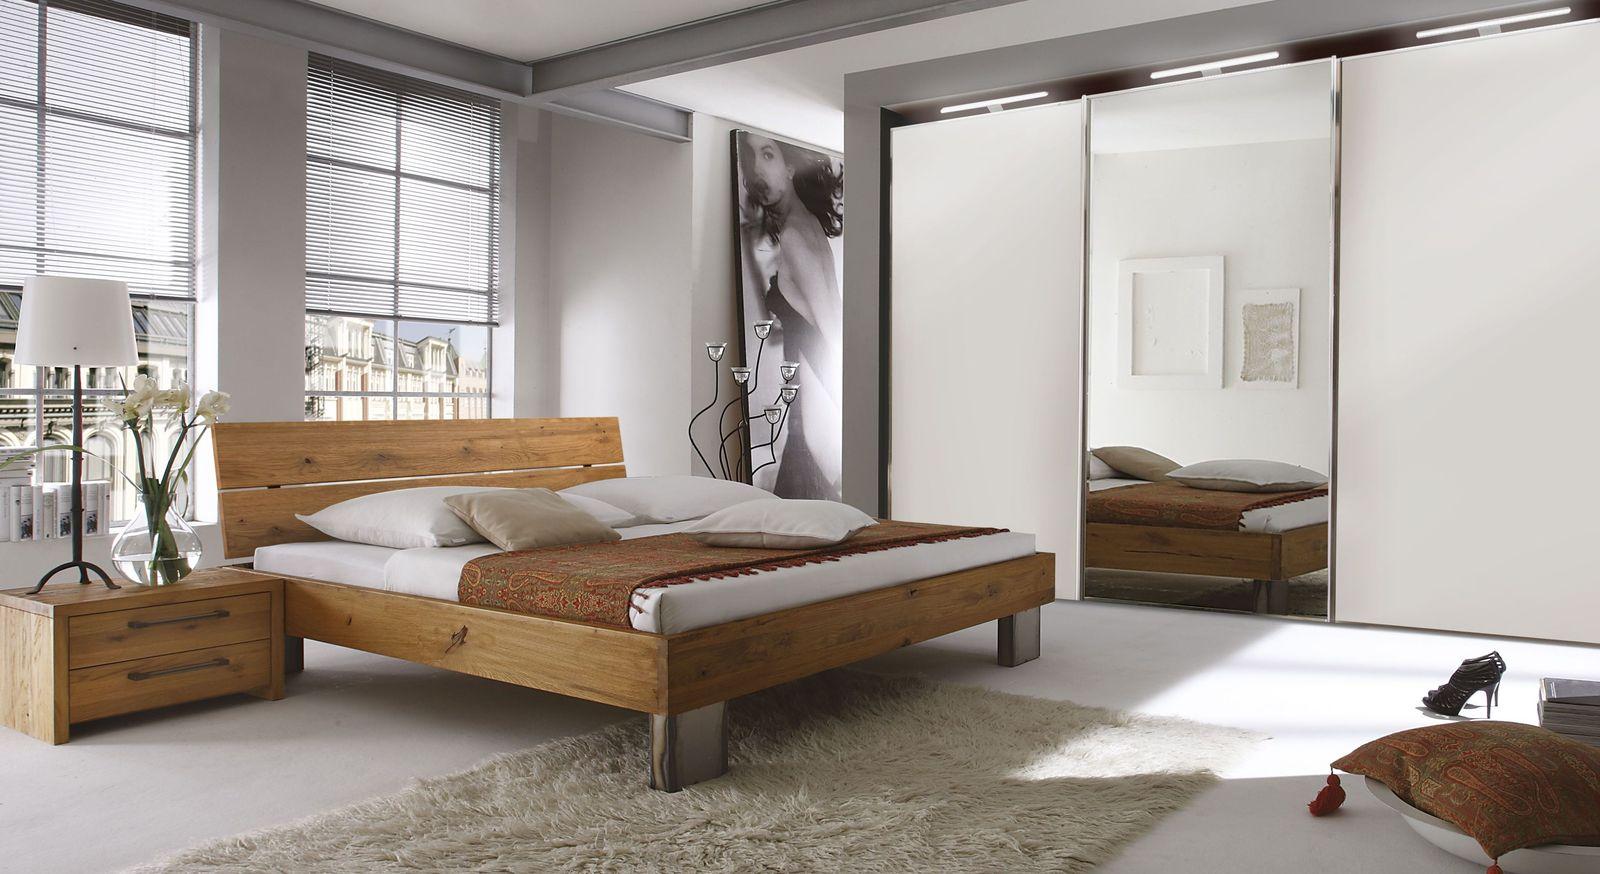 Bett Fuego mit passender Schlafzimmer-Ausstattung